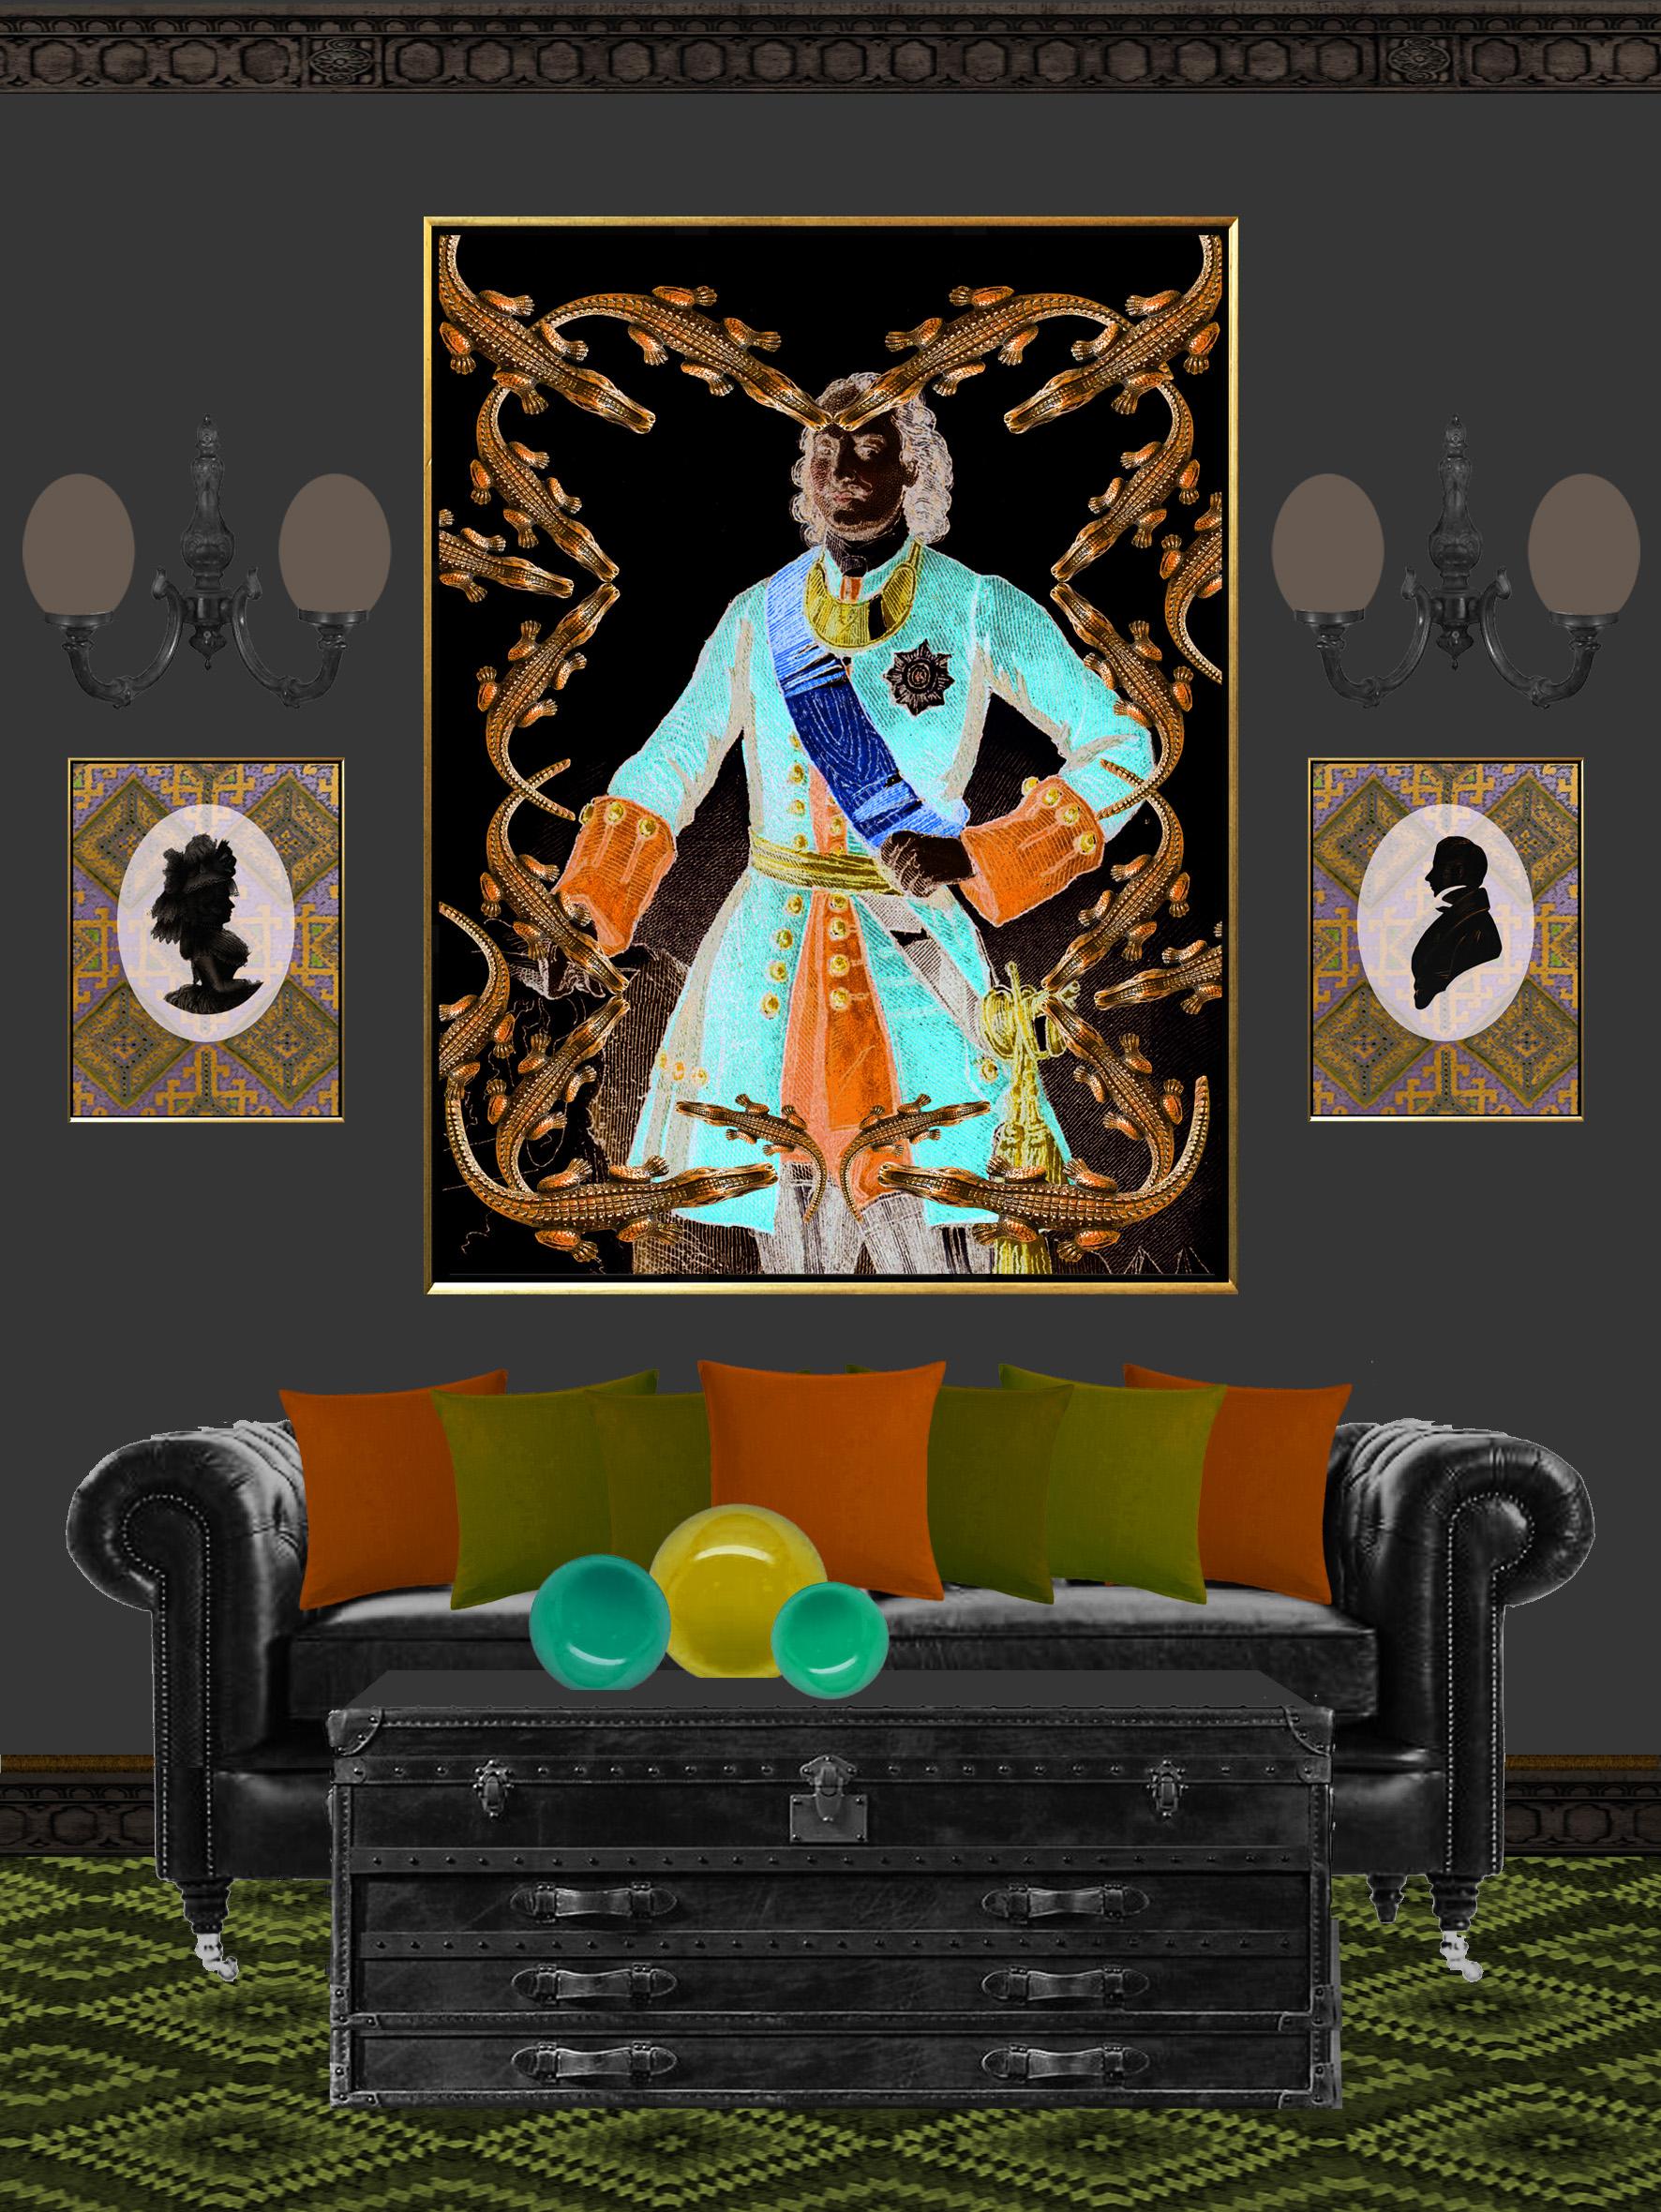 Diseno interior usando cuadros y laminas de arte.jpg